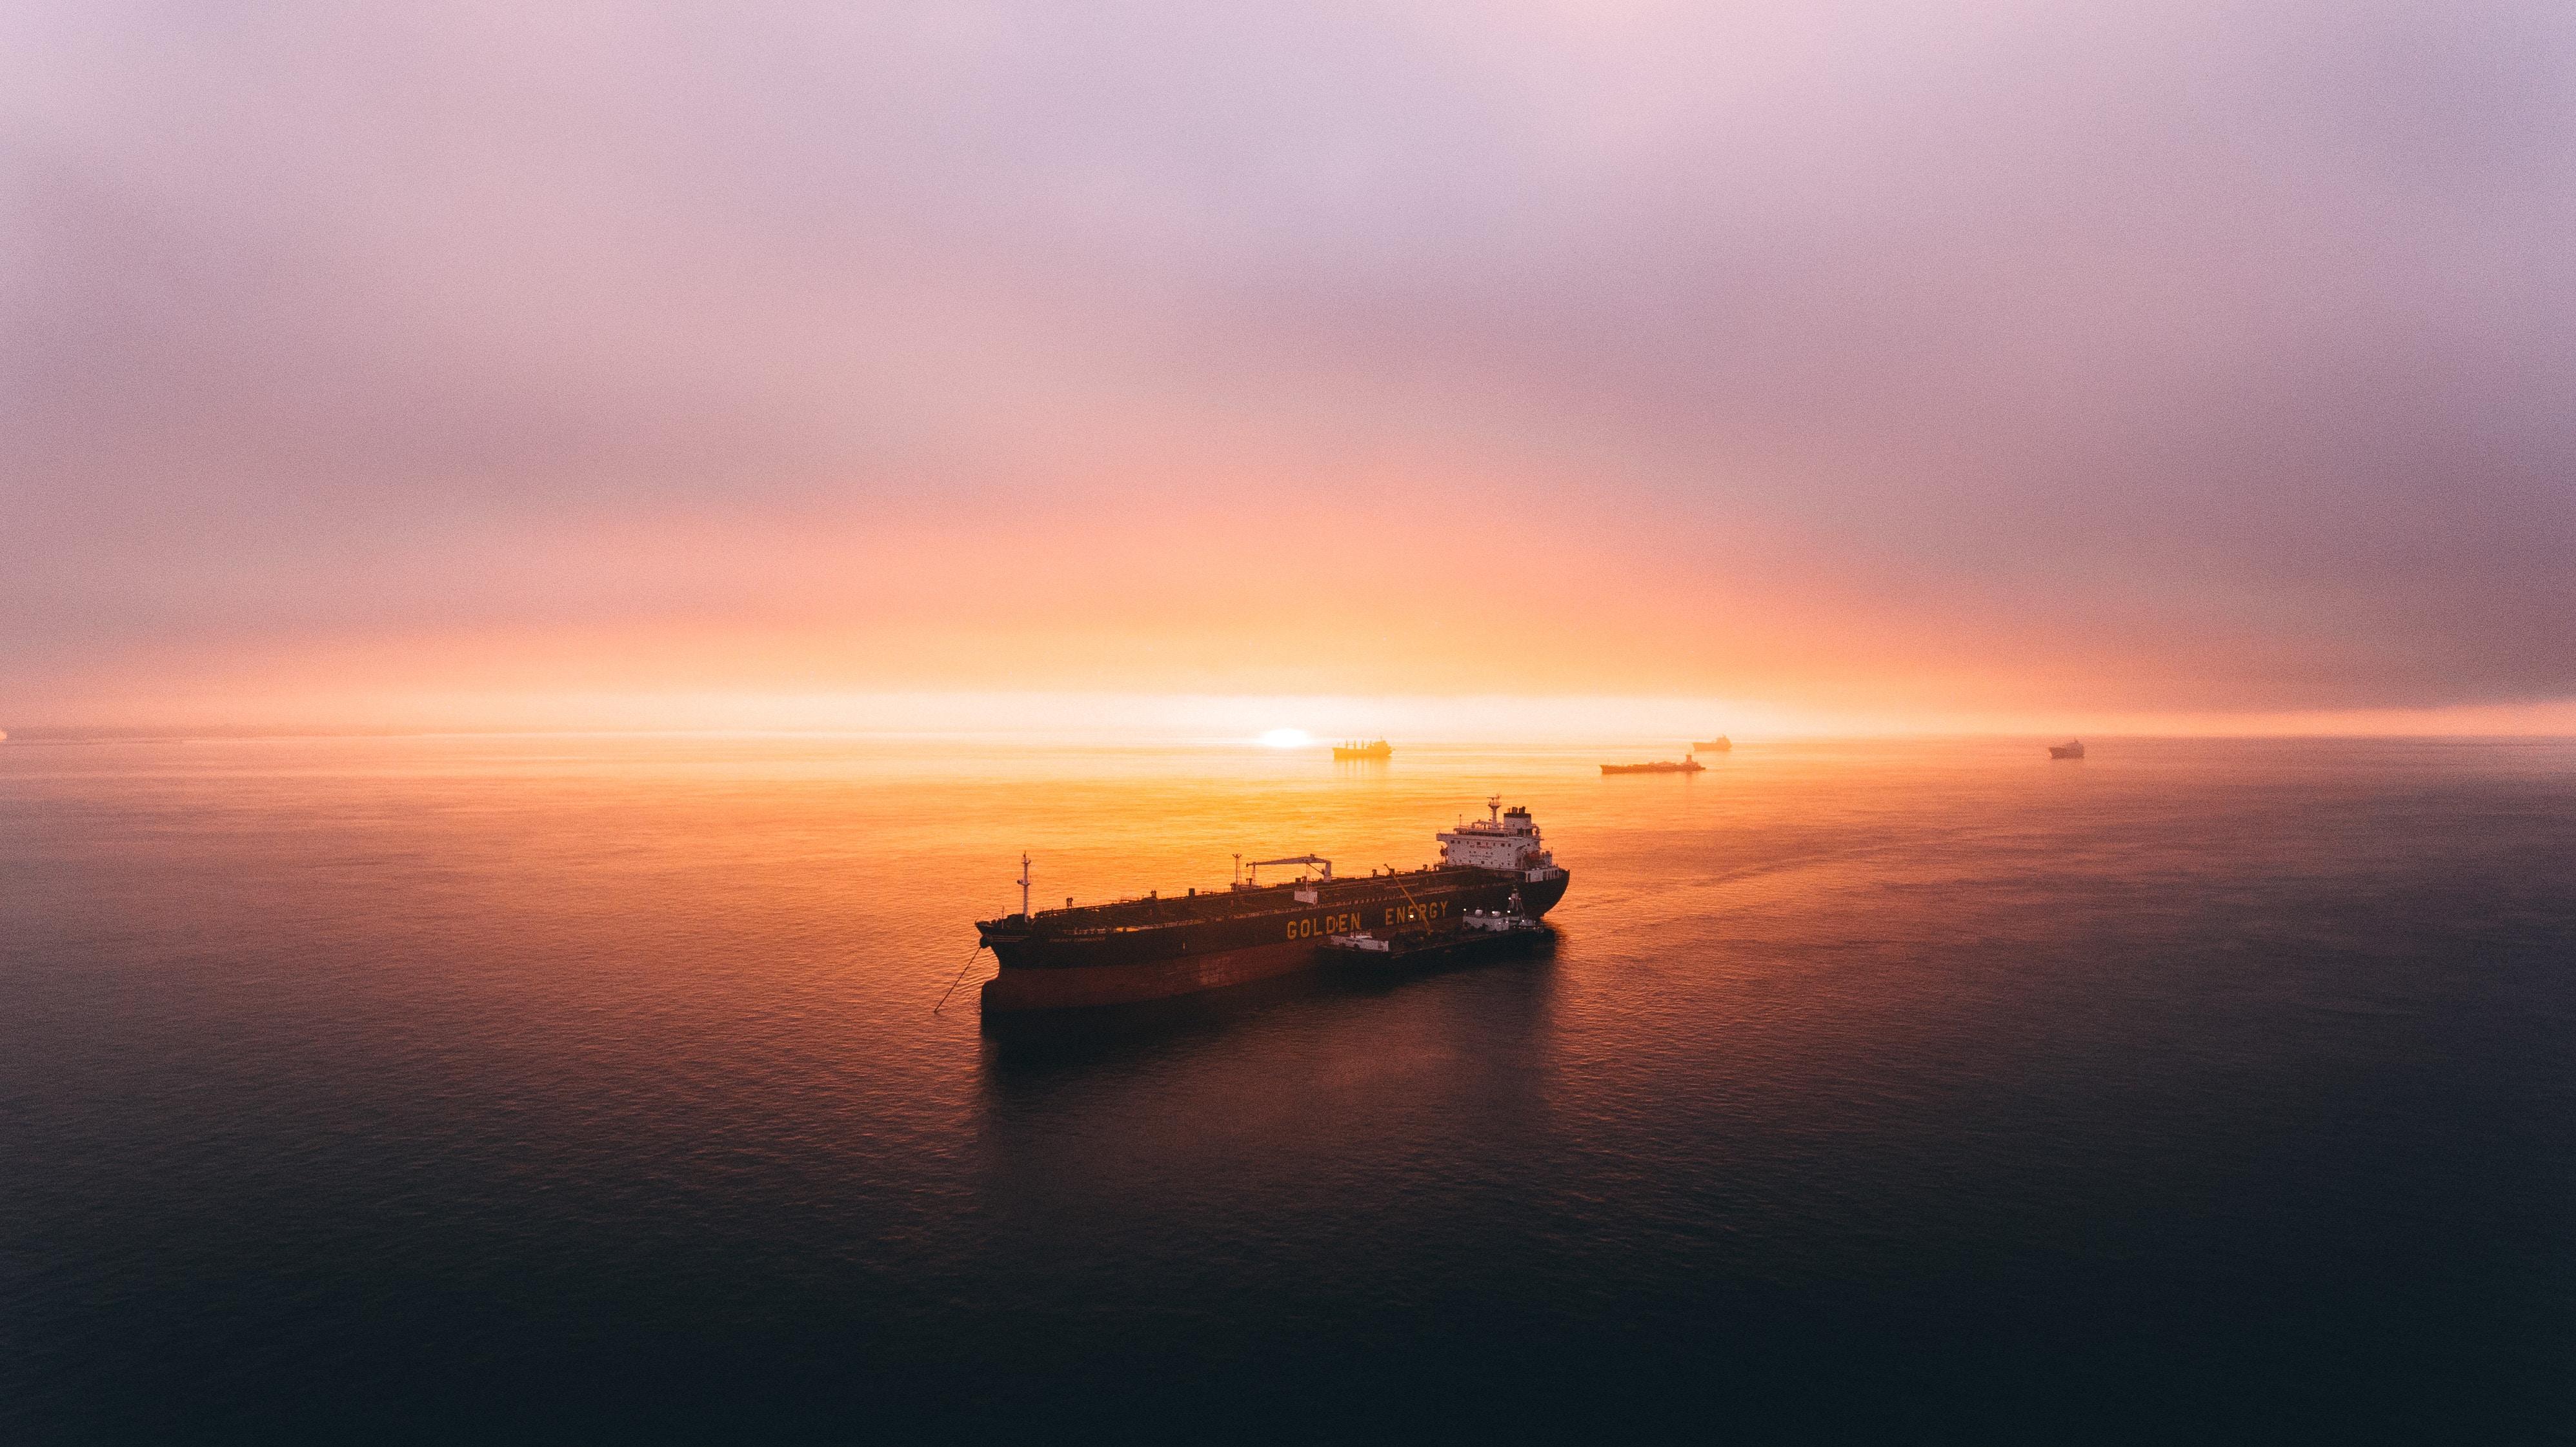 El mal clima retrasó la descarga de buques con gasolina en Tuxpan: Pemex